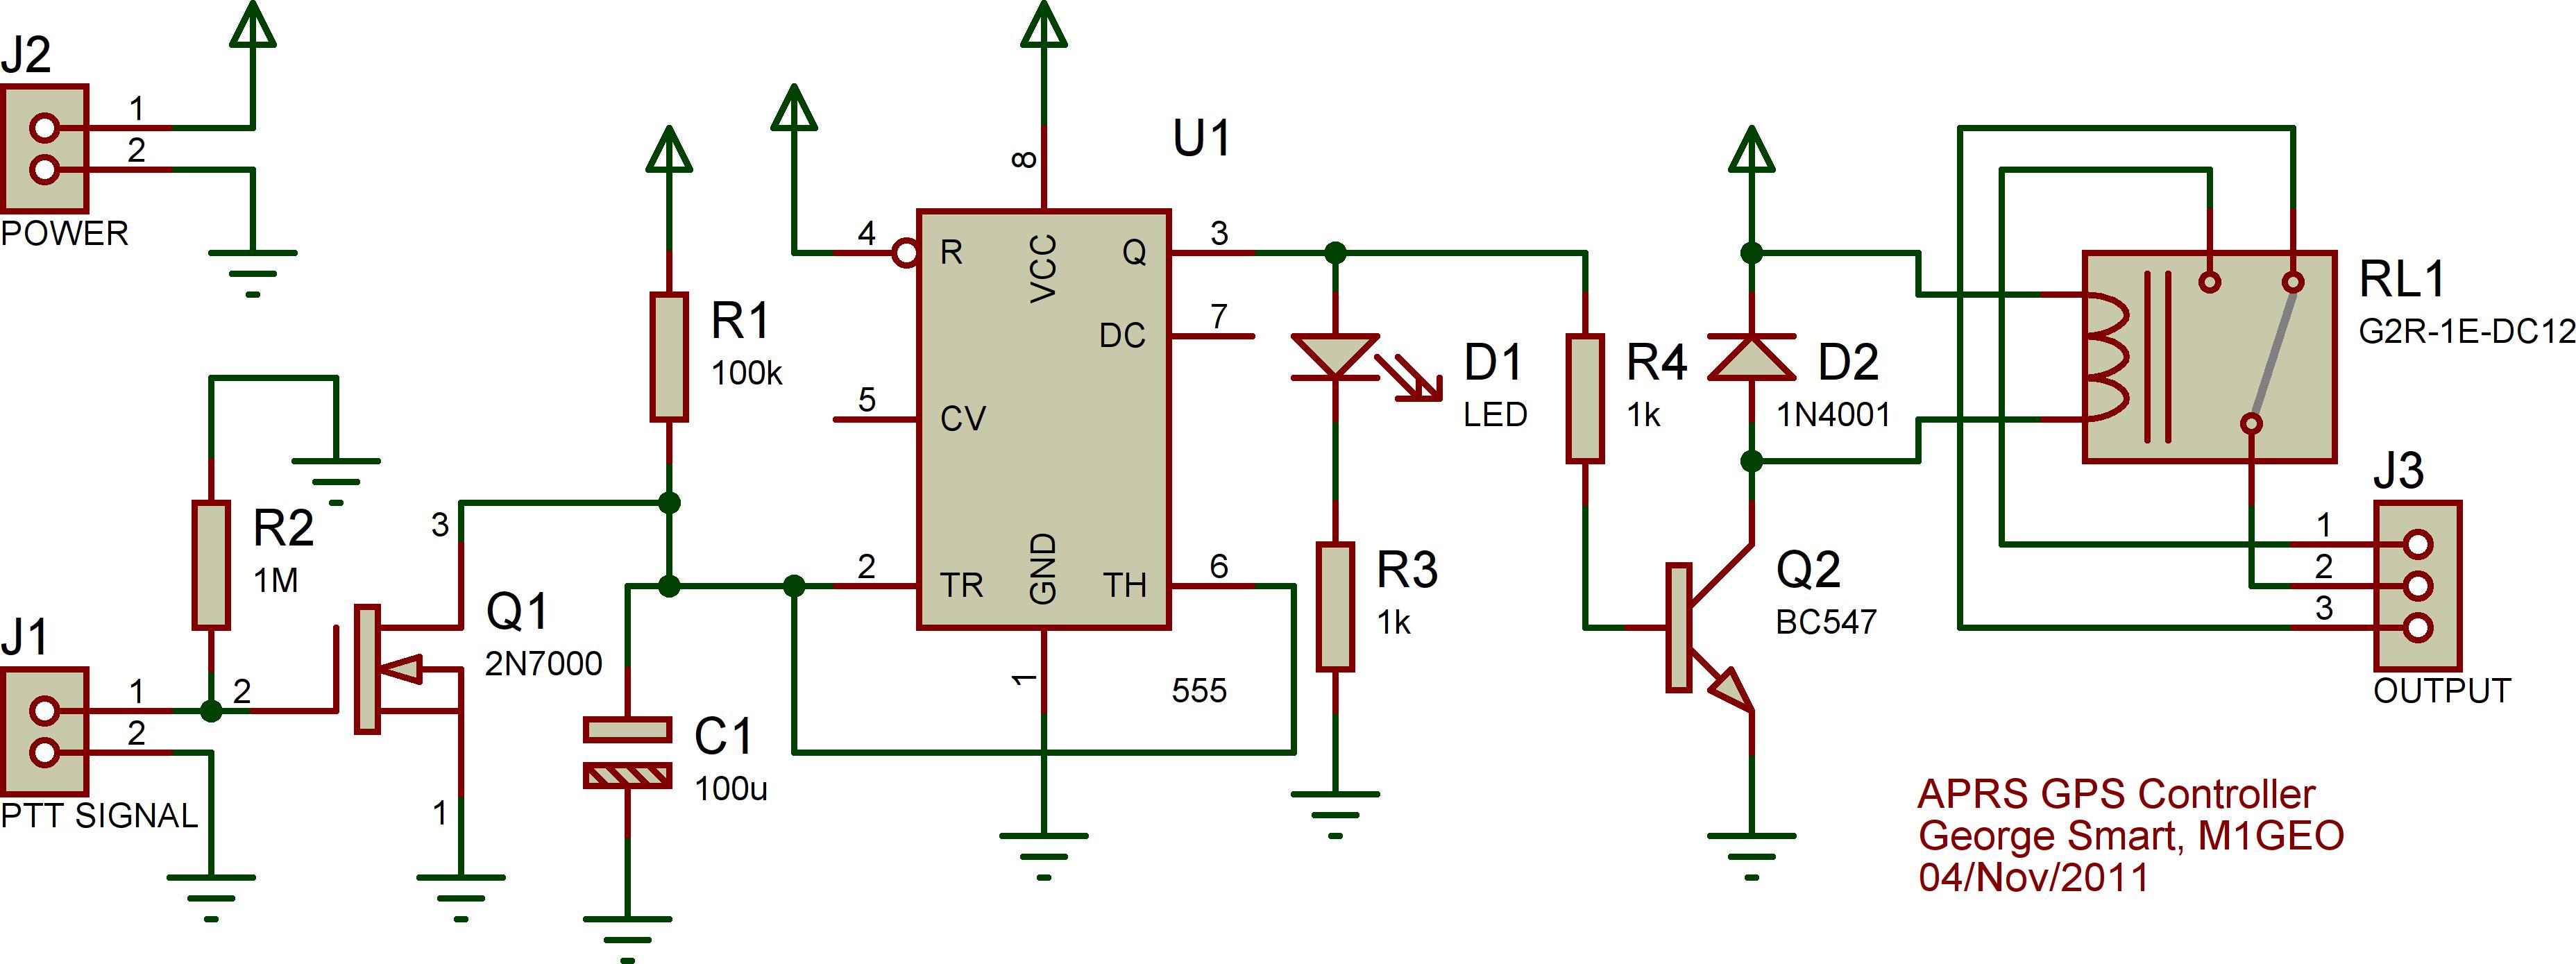 Controller Schematic